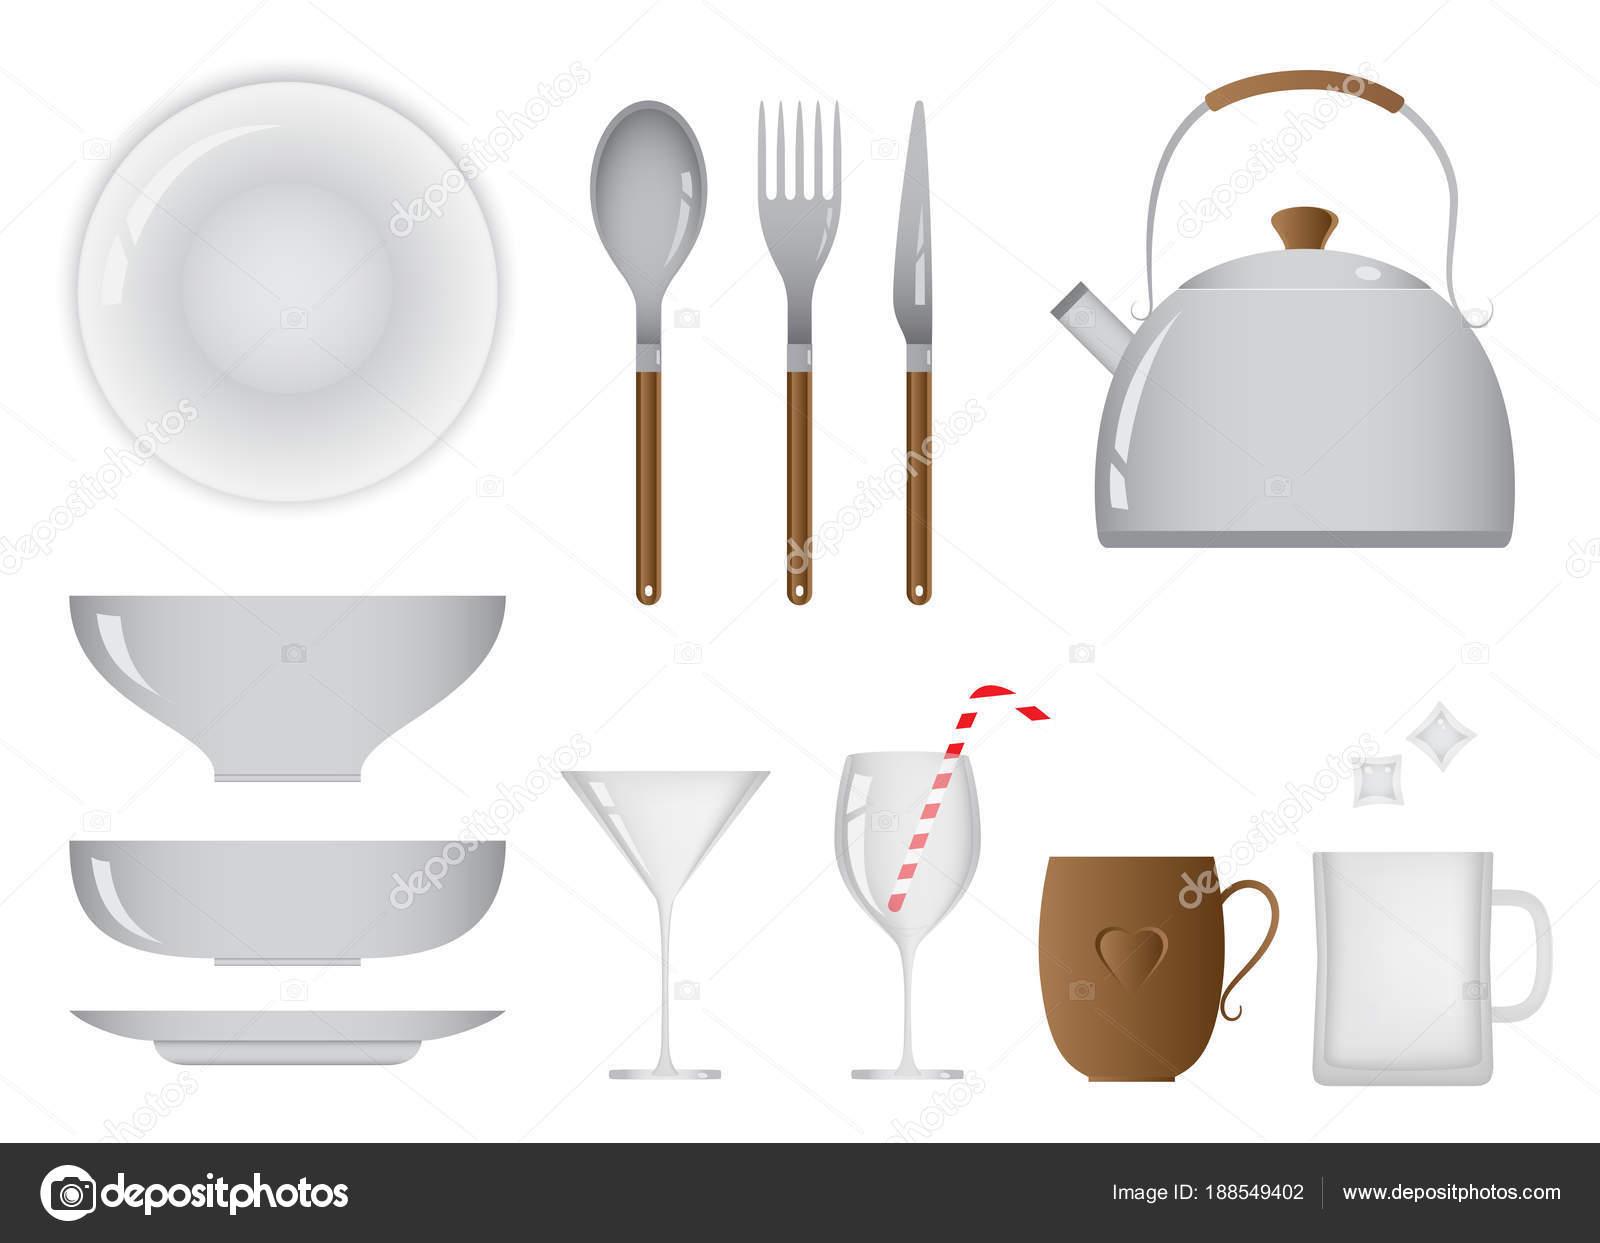 Objetos de metal de uso cotidiano objetos cotidianos de la cocina y el comedor equipo foto - Objetos de cocina ...